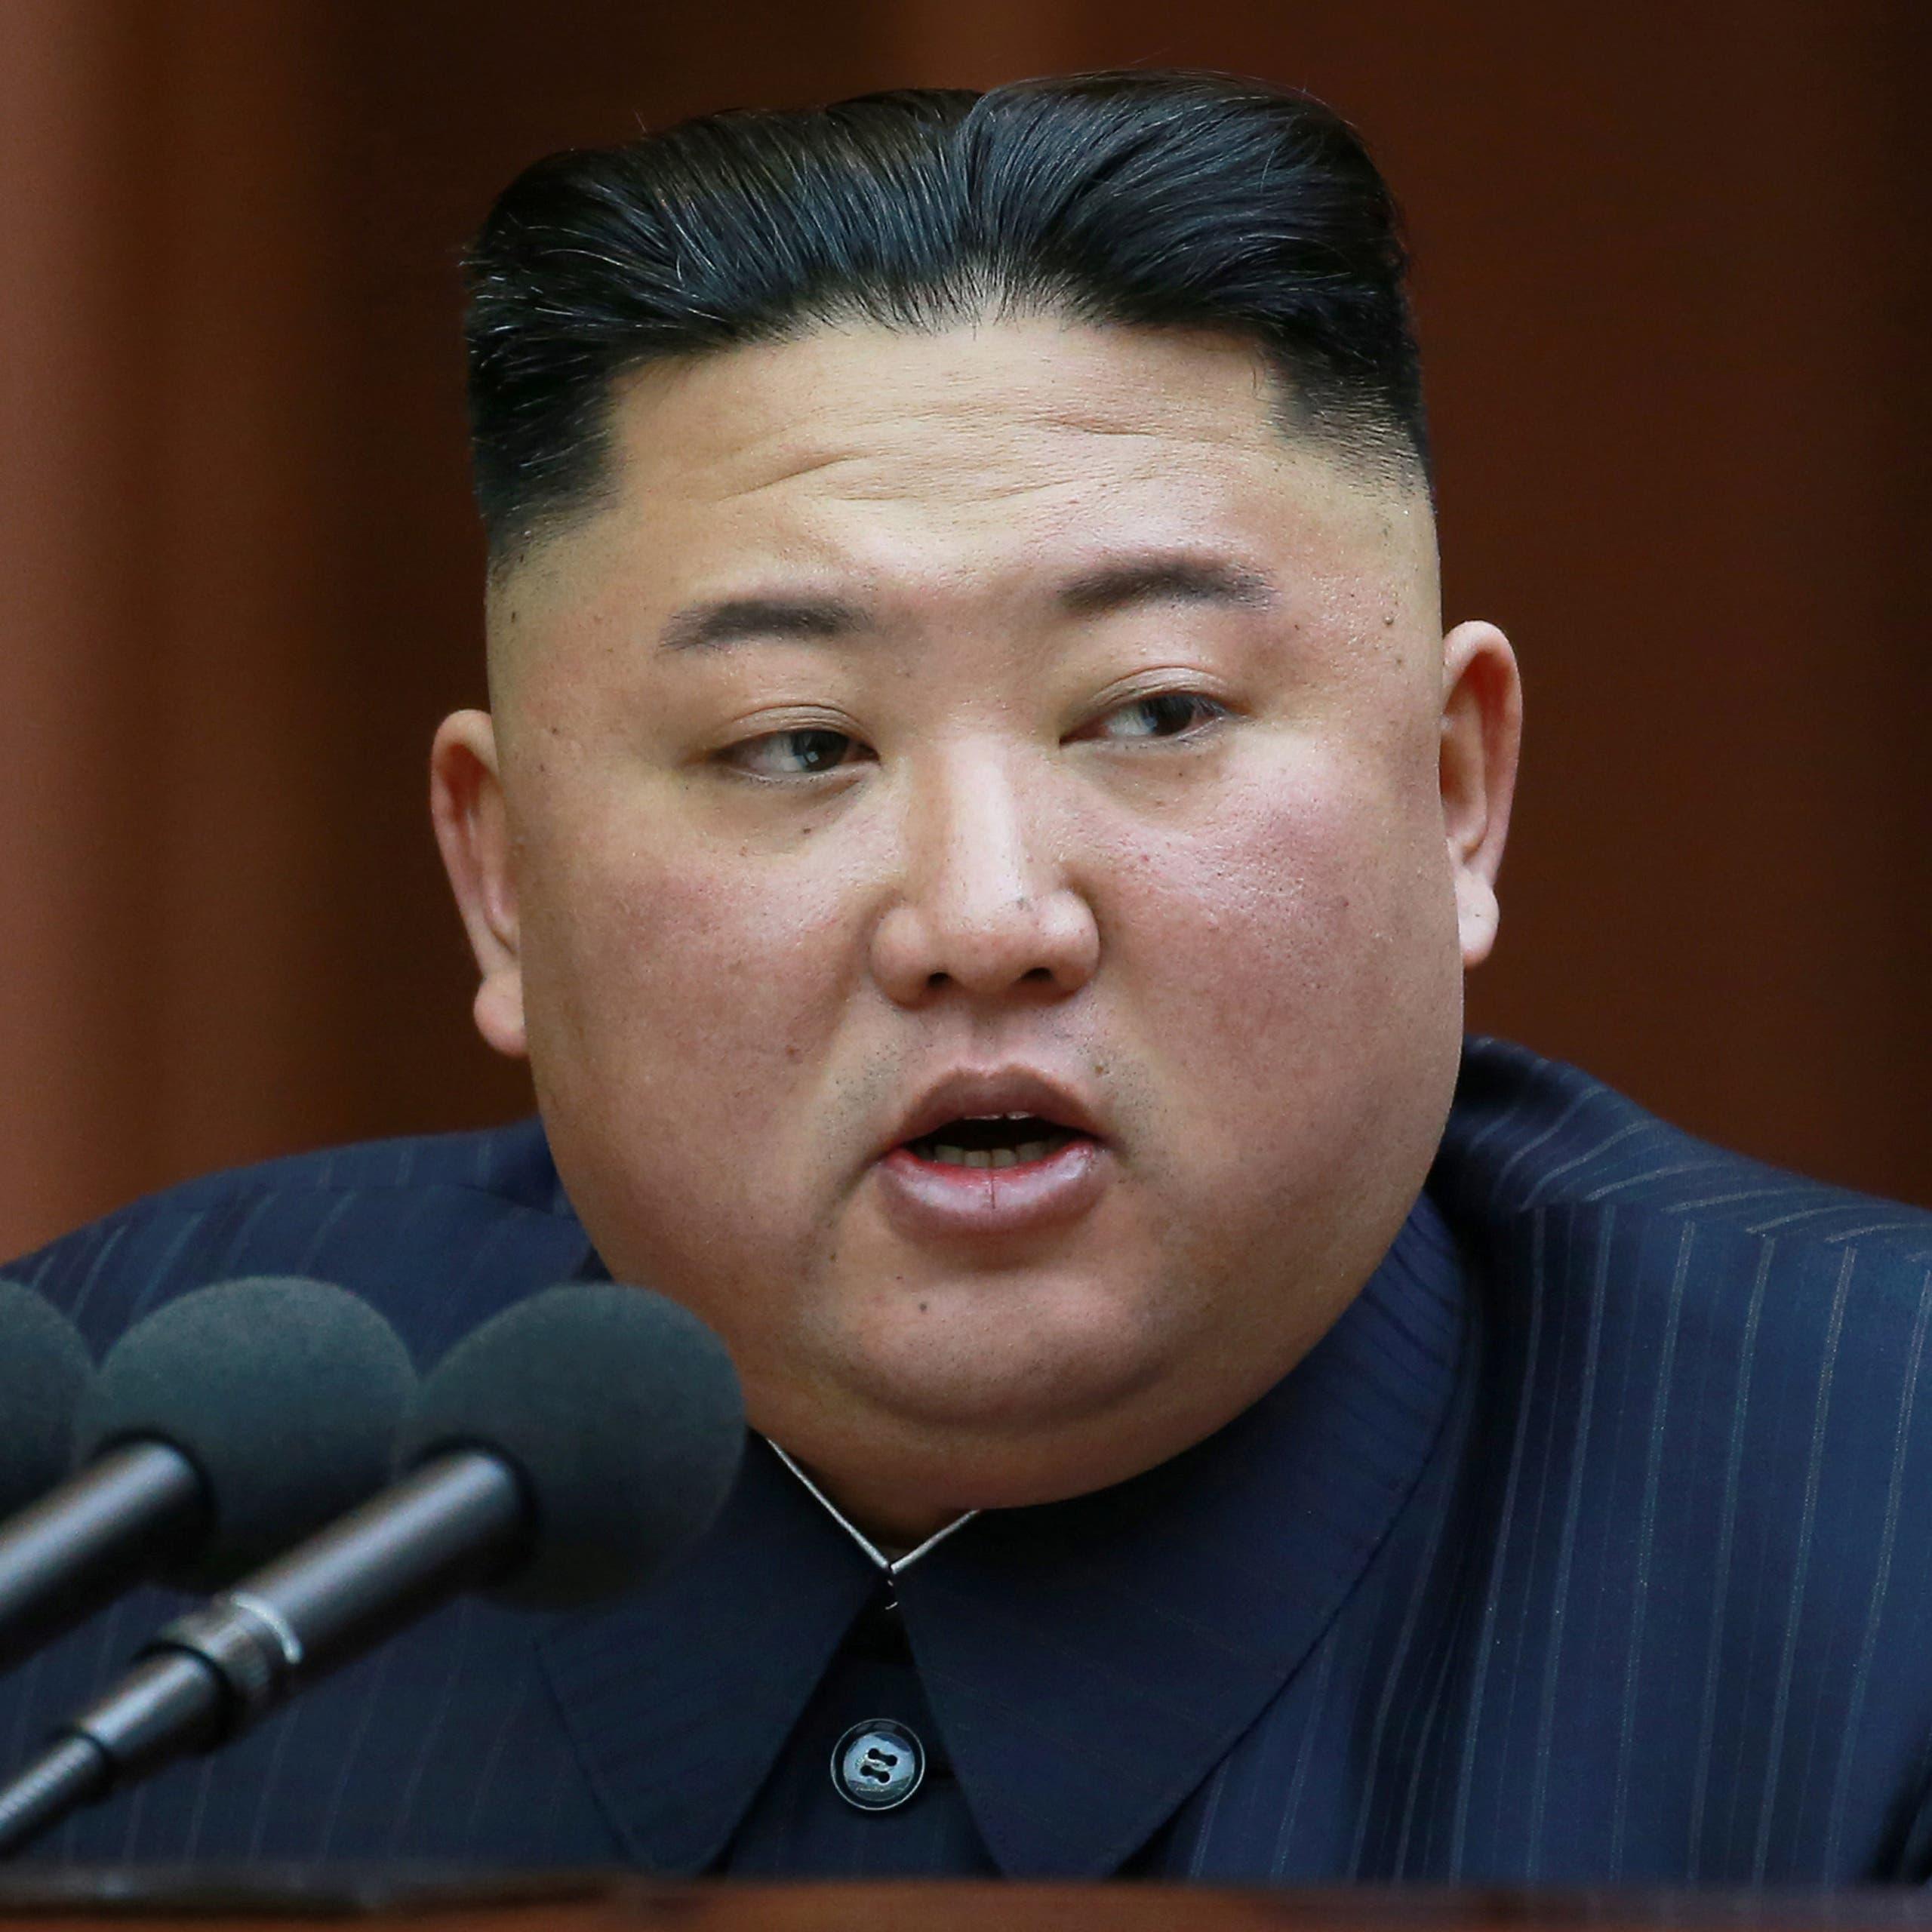 زعيم كوريا الشمالية يرفض عرض الحوار الأميركي.. ومجلس الأمن ينعقد